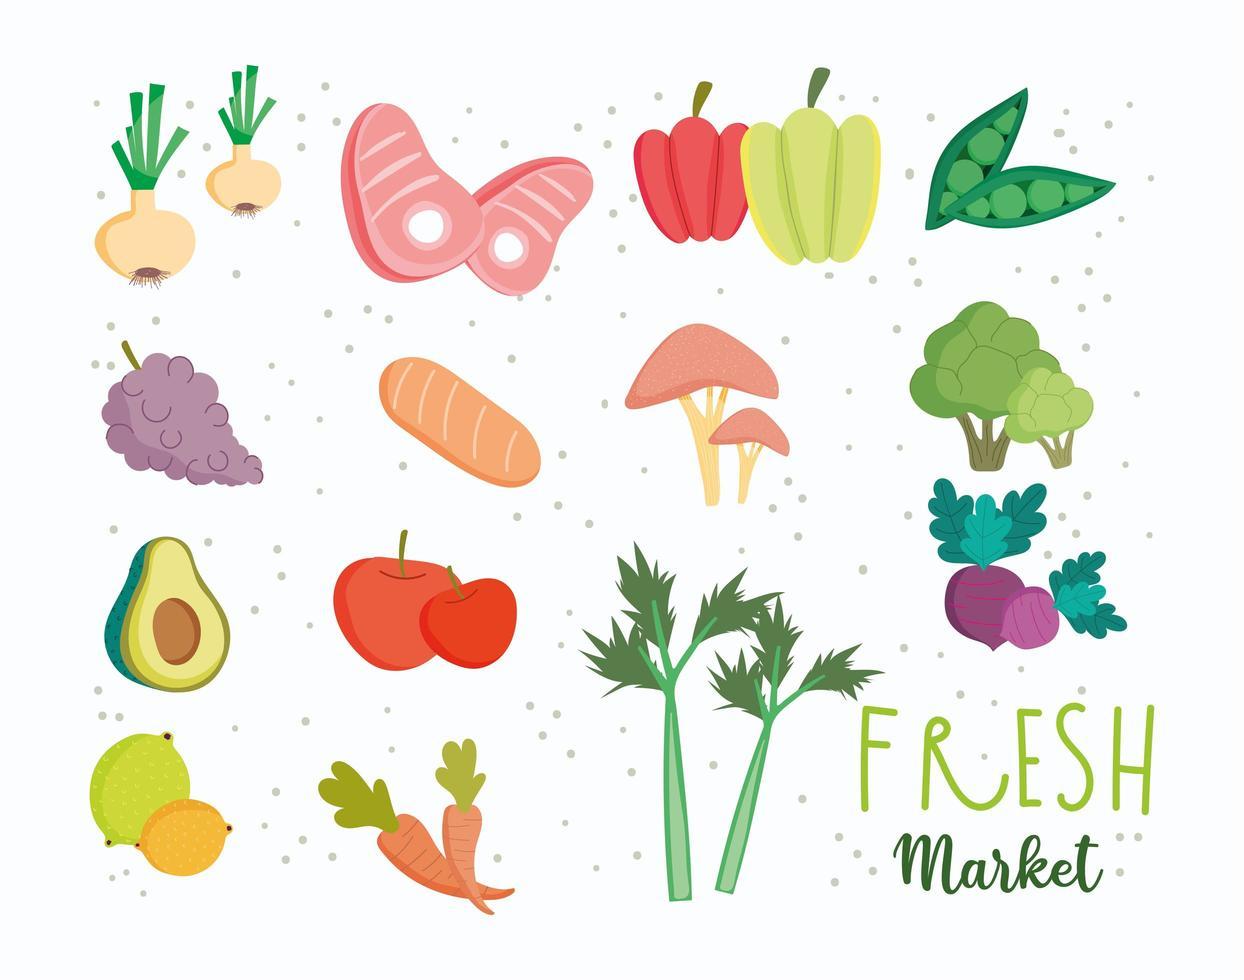 gezond vers voedsel groenten en fruit ingesteld vector